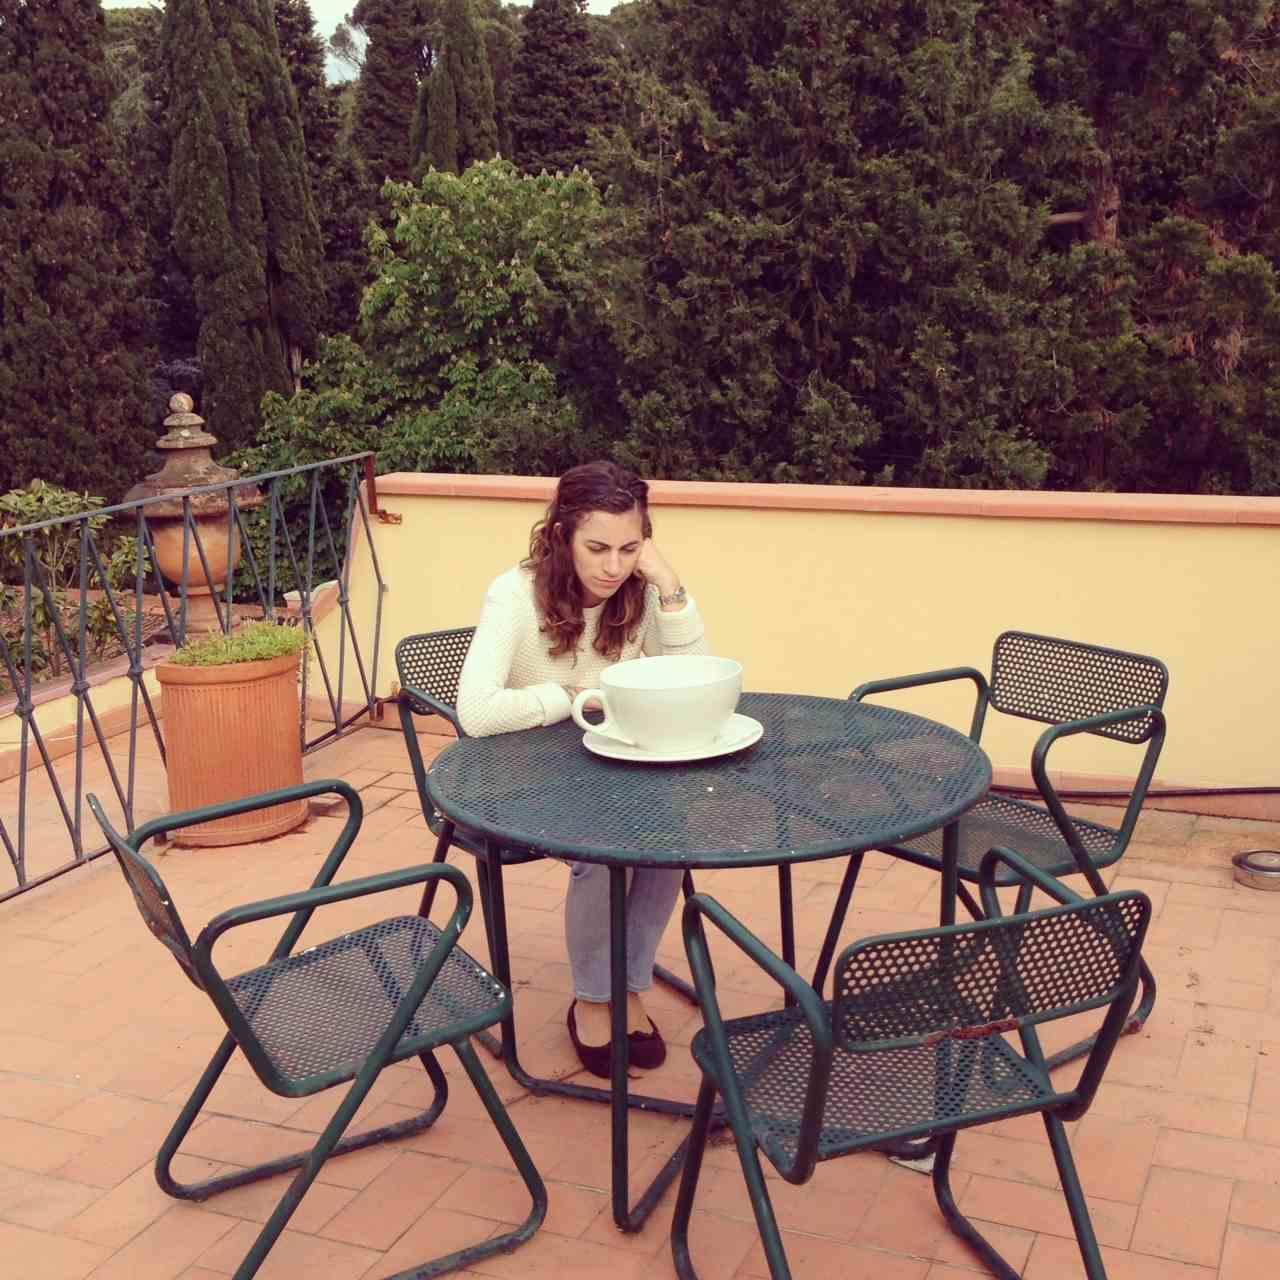 DOLCE VITA, Pause Café